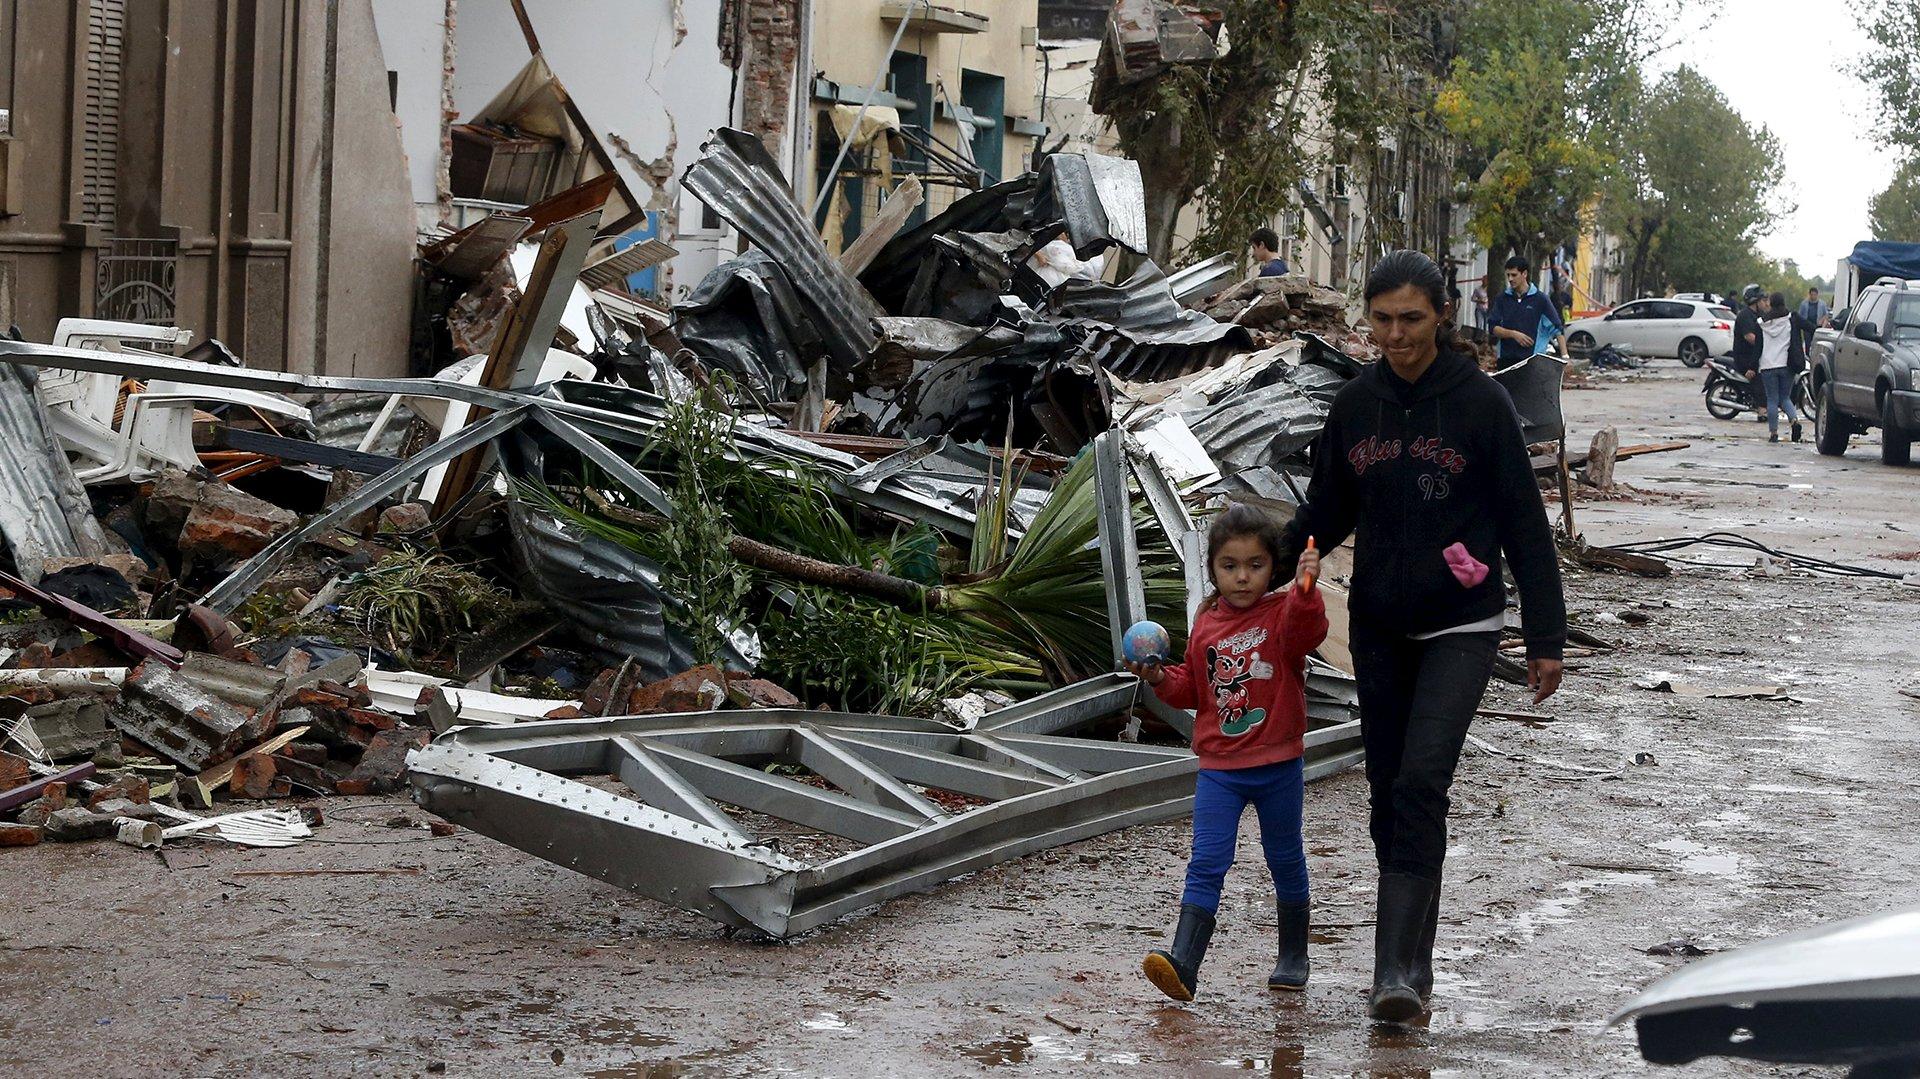 Viviendas sin techo o con vehículos incrustados, paredes derrumbadas, galpones destruidos o silos afectados son el resultado de un tornado que en menos de tres minutos arrasó con todo a su paso en la ciudad agrícola Dolores